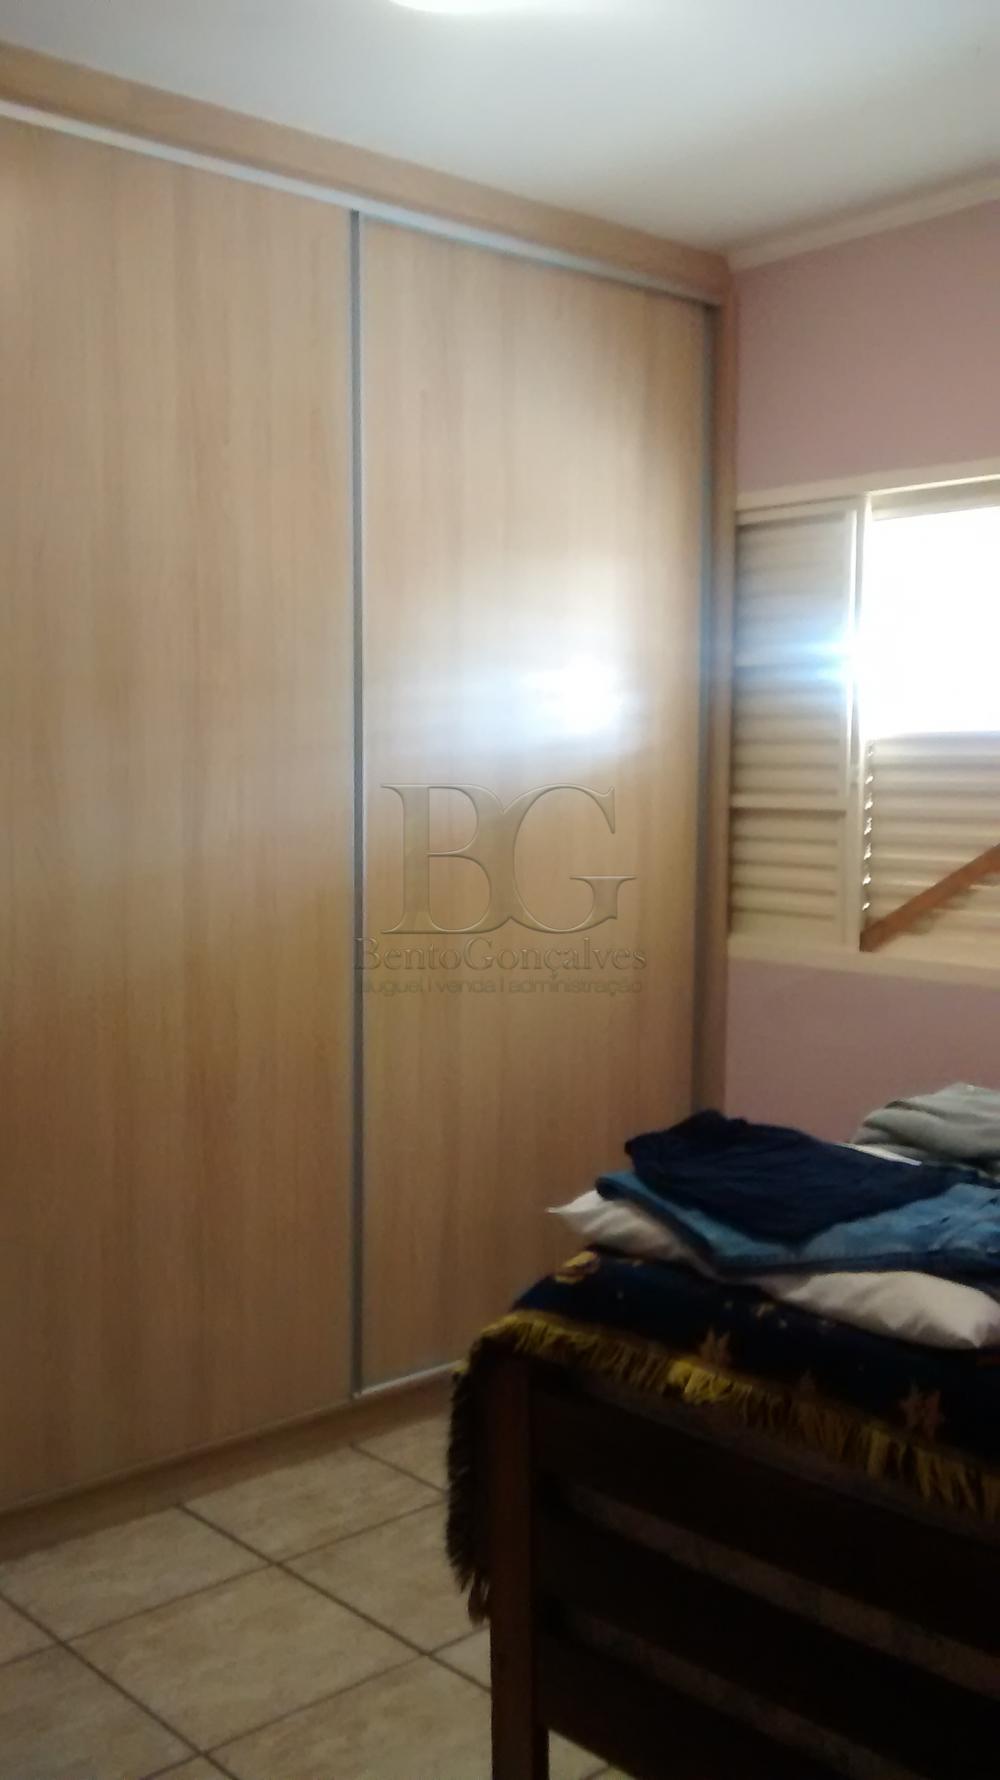 Comprar Apartamentos / Padrão em Poços de Caldas apenas R$ 350.000,00 - Foto 5